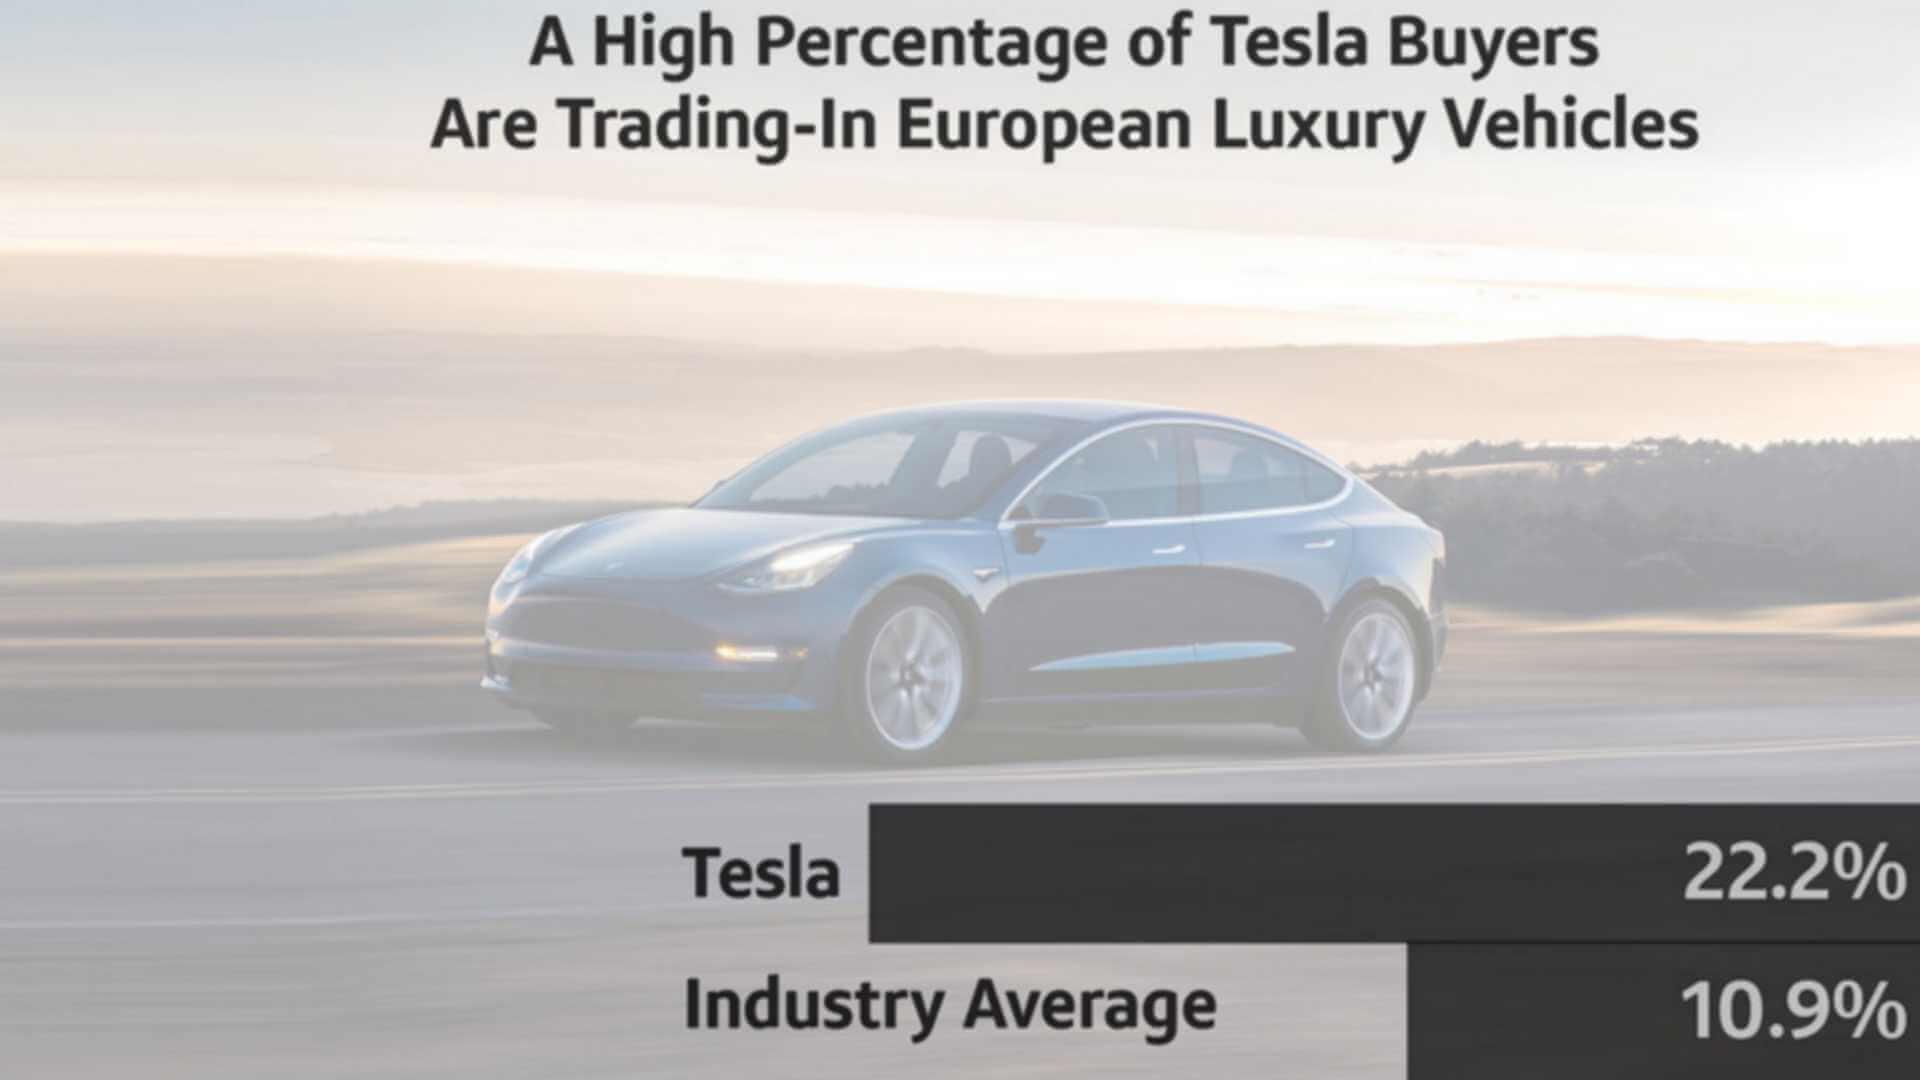 Владельцы европейских люксовых автомобилей в 22,2% случаев переходят на электромобили Tesla